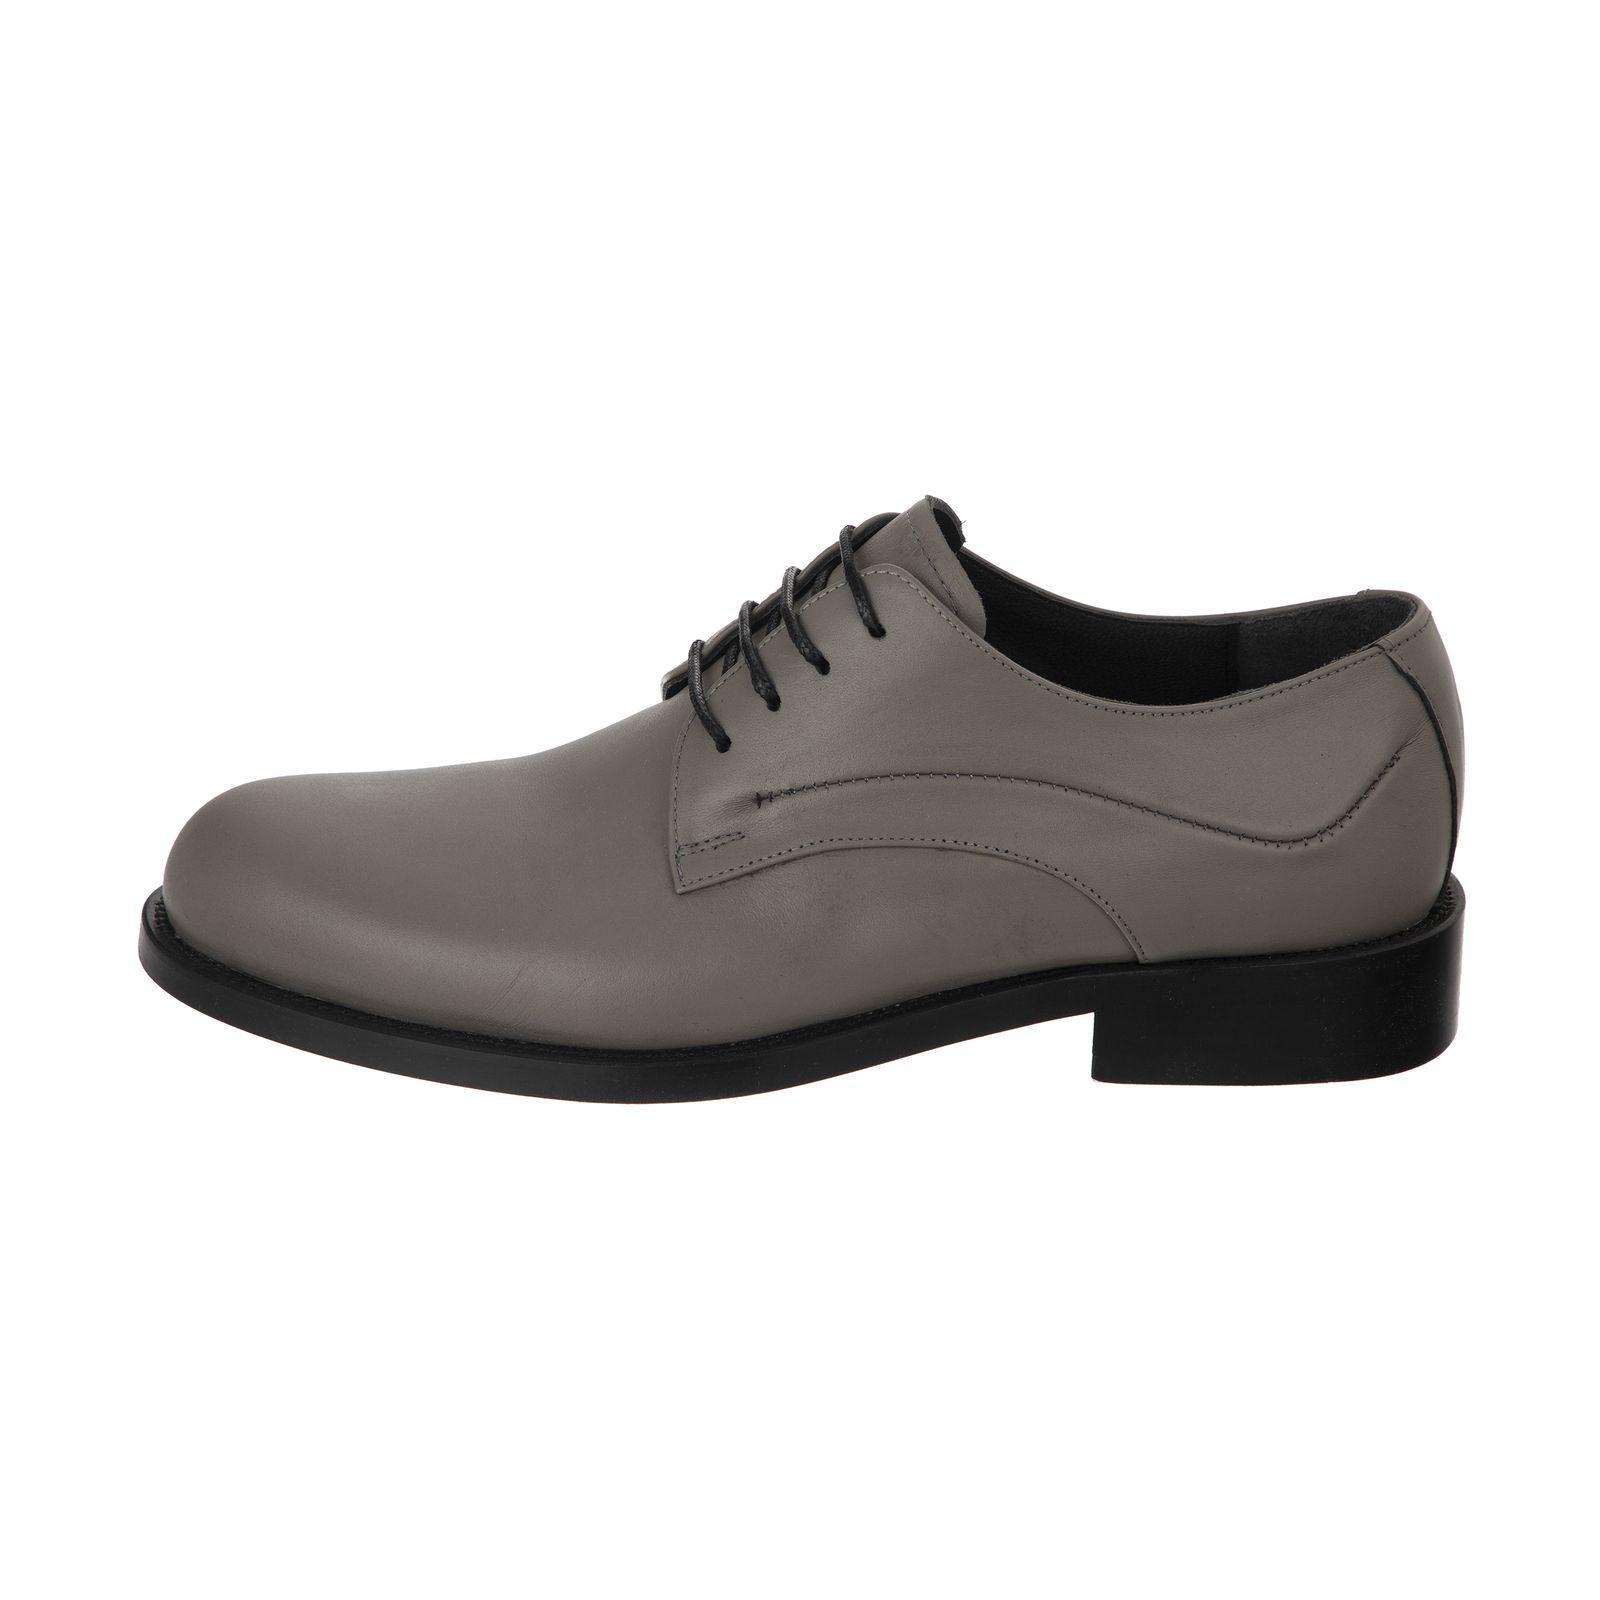 کفش مردانه آرتمن مدل Andrew-41803 -  - 2